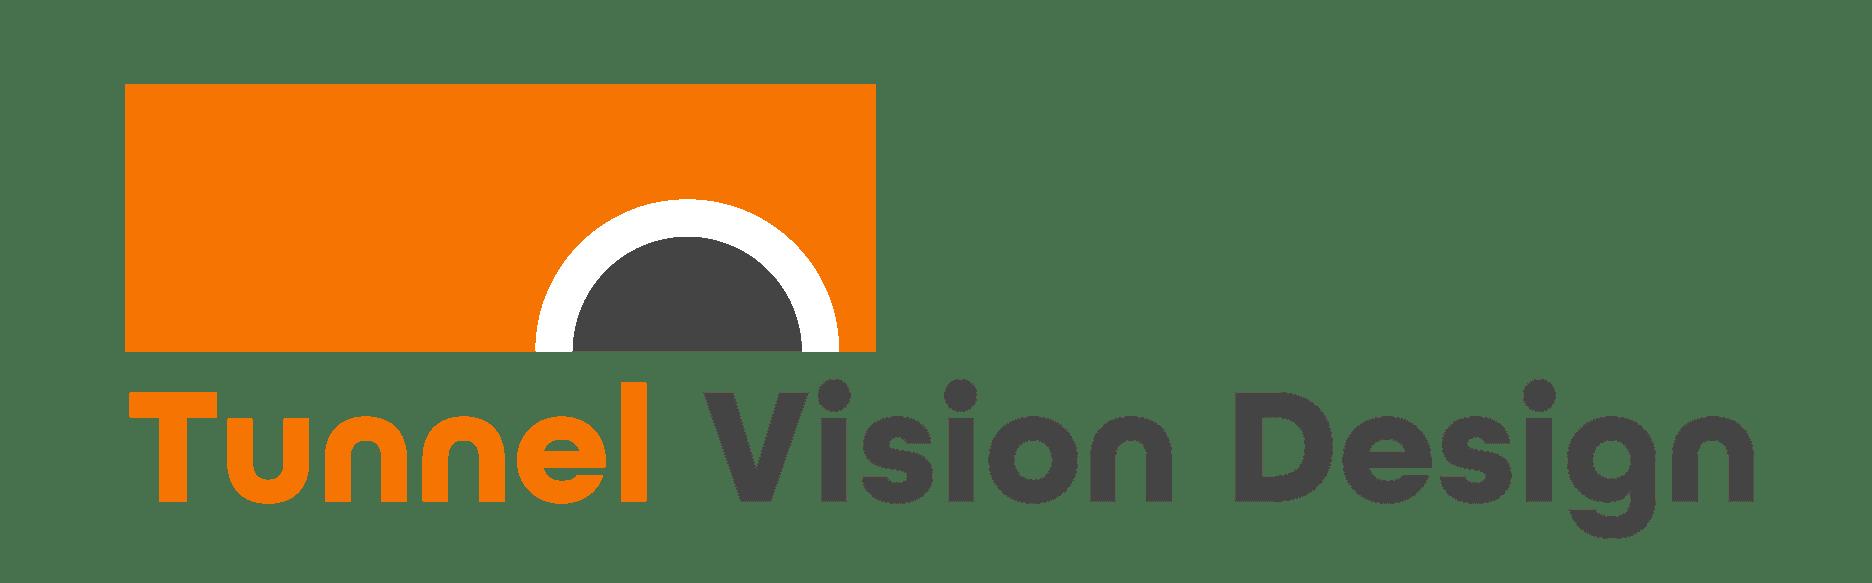 Tunnel Vision Design